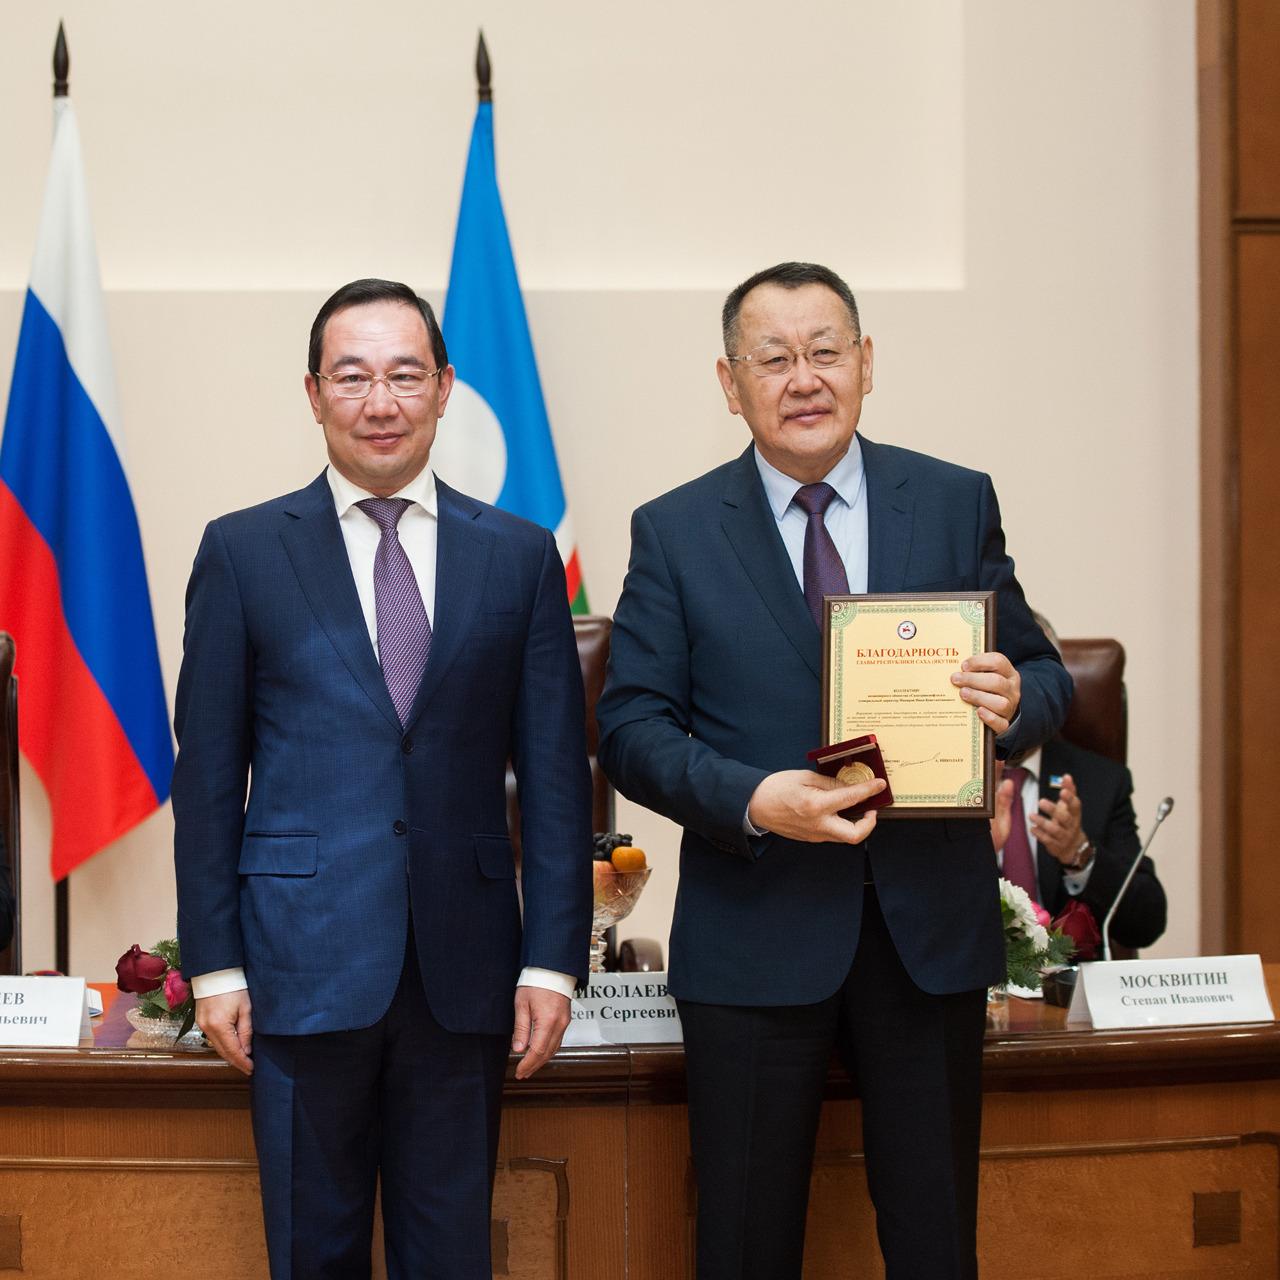 Глава Якутии отметил АО «Сахатранснефтегаз» за весомый вклад в трудоустройство местных кадров